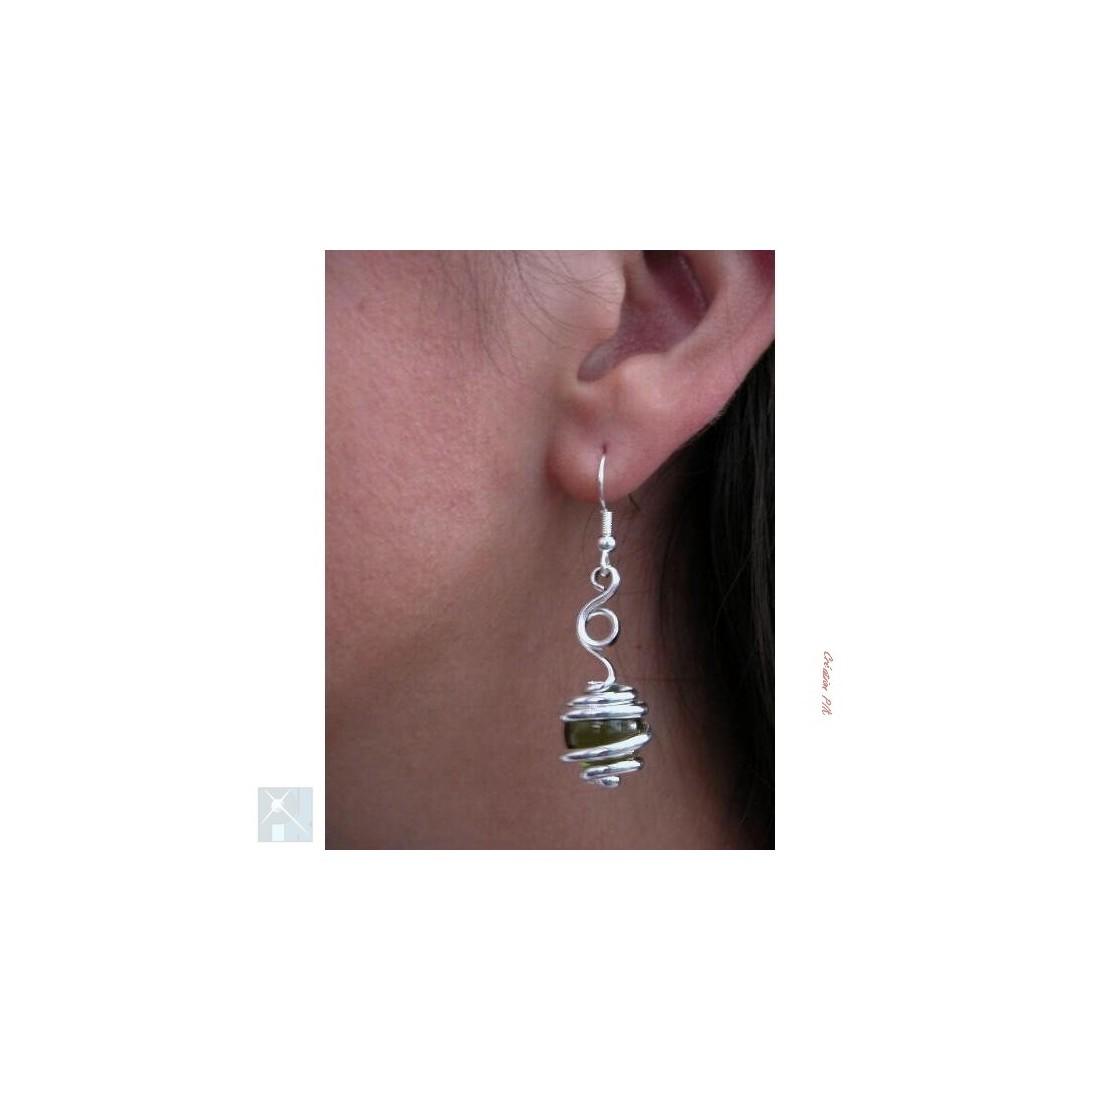 Boucles d'oreilles, création artisanale argent et vert olive.